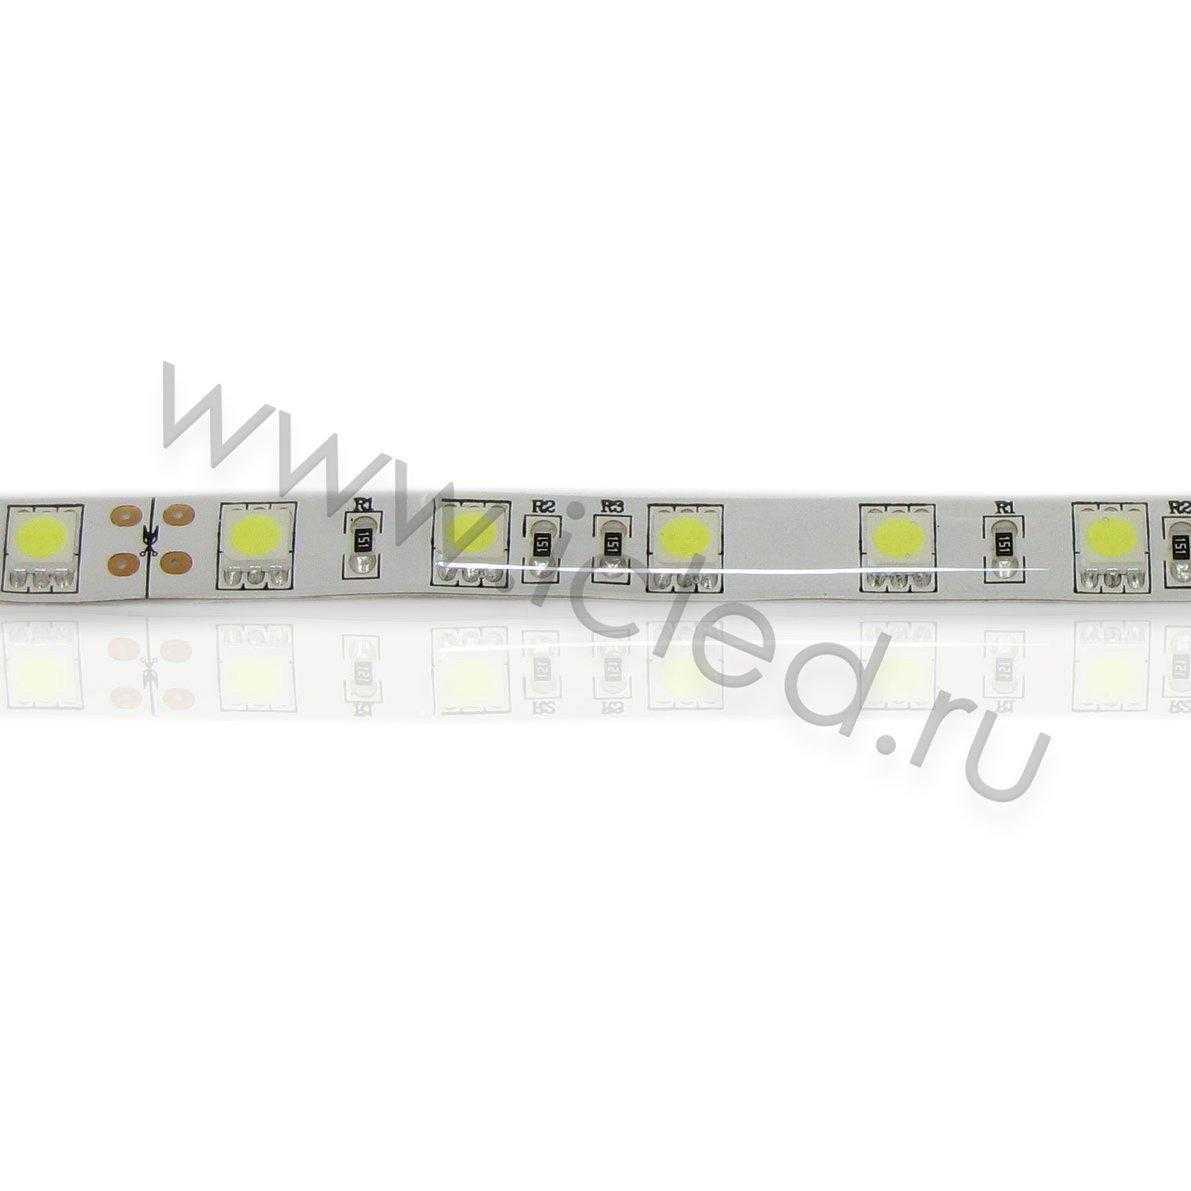 Светодиодная лента Class B, 5050, 60led/m, White, 24V, IP65